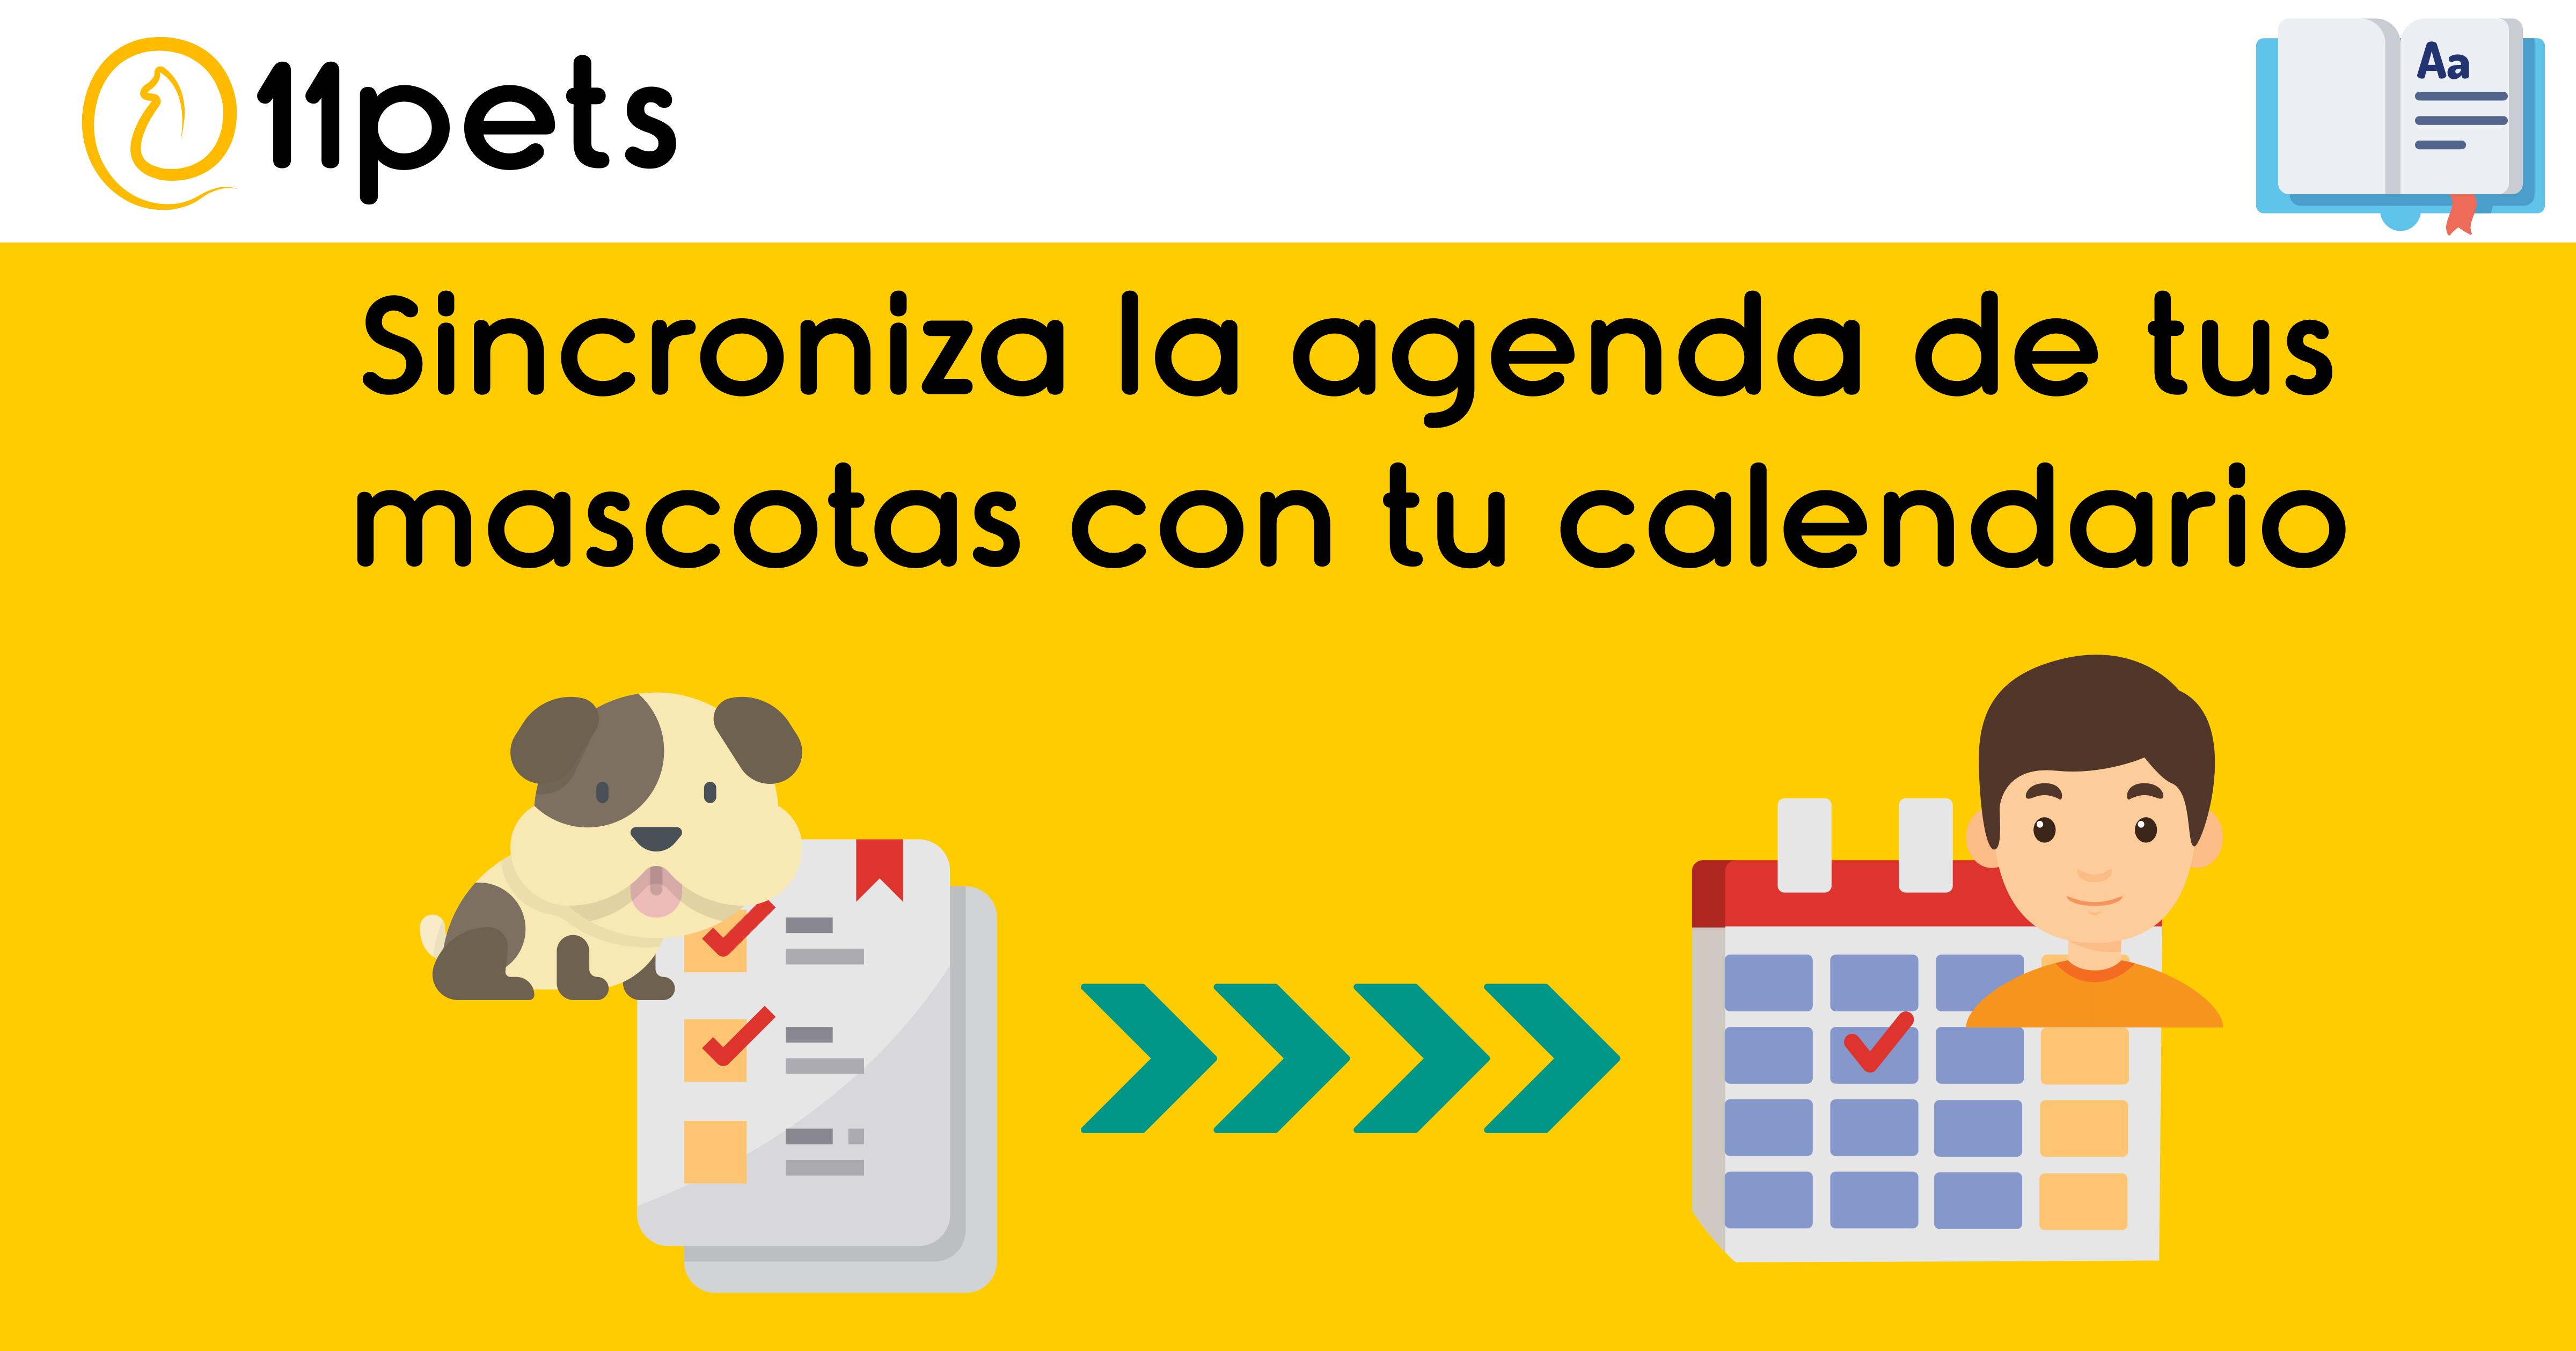 Sincroniza el horario de tus mascotas con el calendario de tu dispositivo